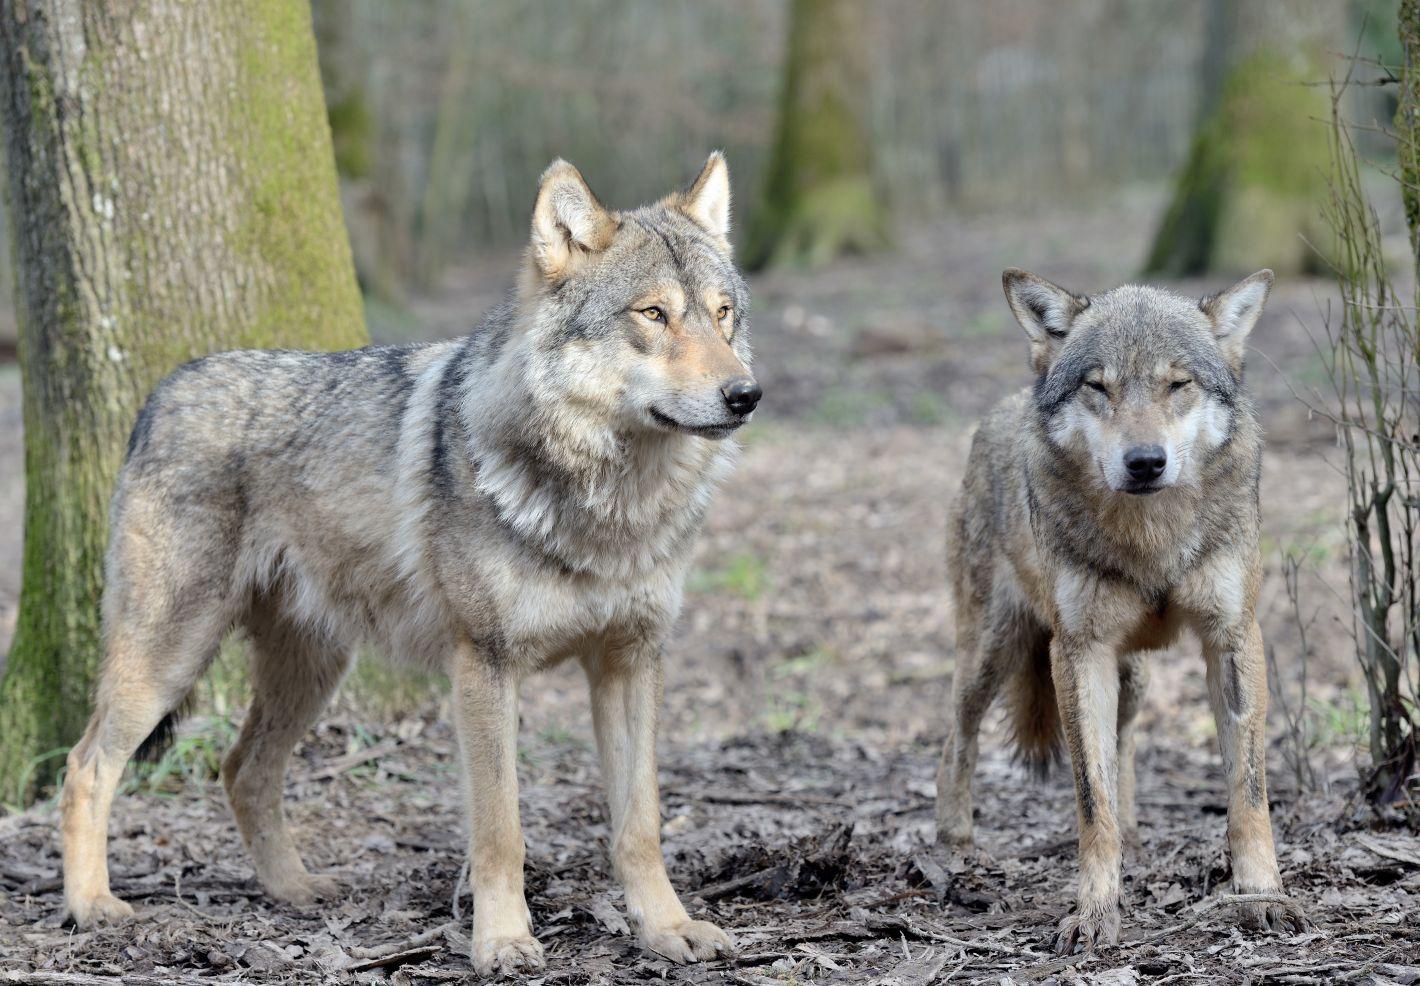 Deux loups gris photographiés par Thomas PIERRE au Parc Animalier de Sainte-Croix